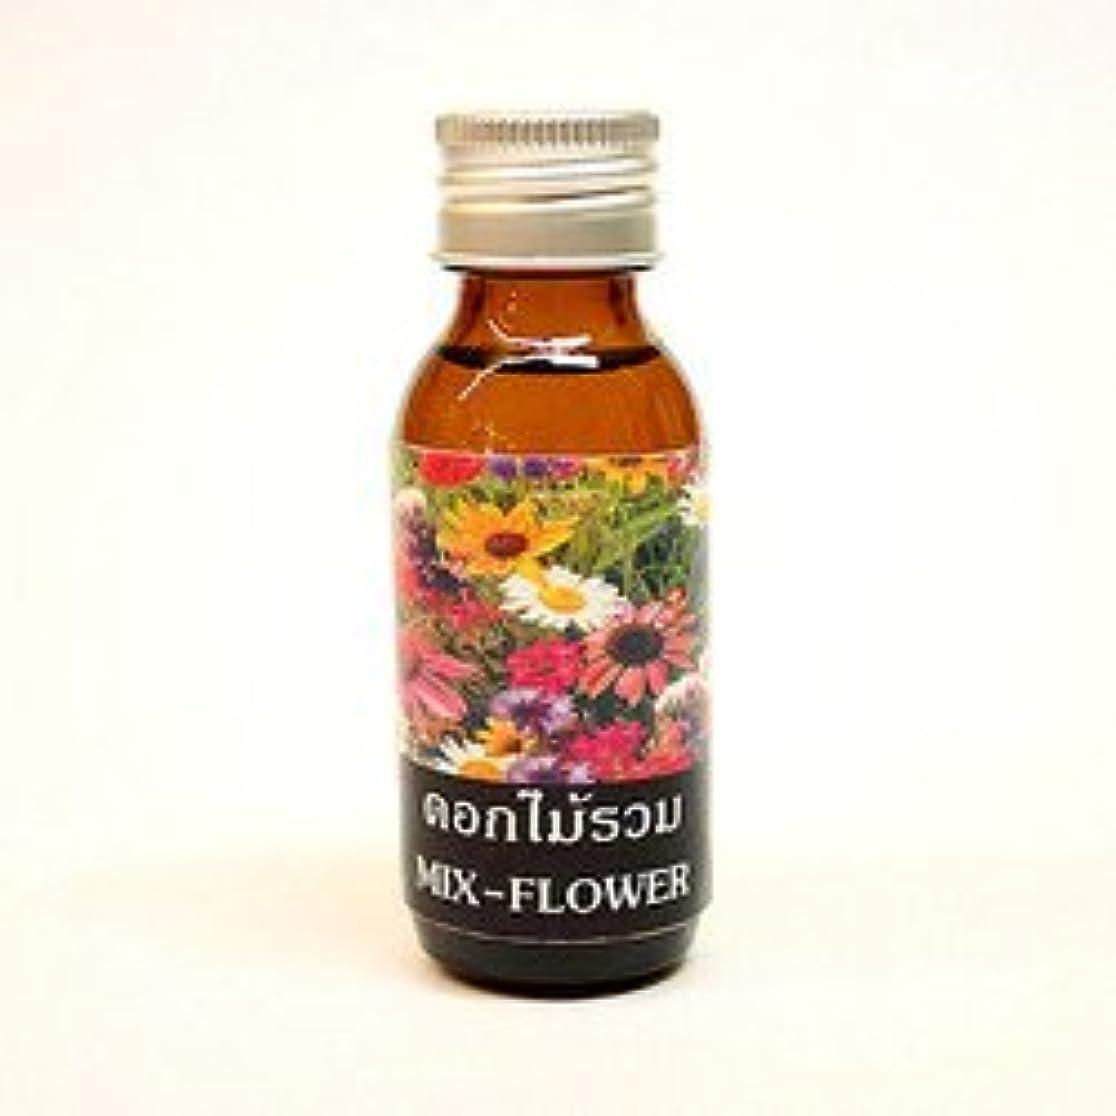 探す変形するれるミックスフラワー 〔Mix-Flower〕 アロマテラピーオイル 30ml アジアン雑貨